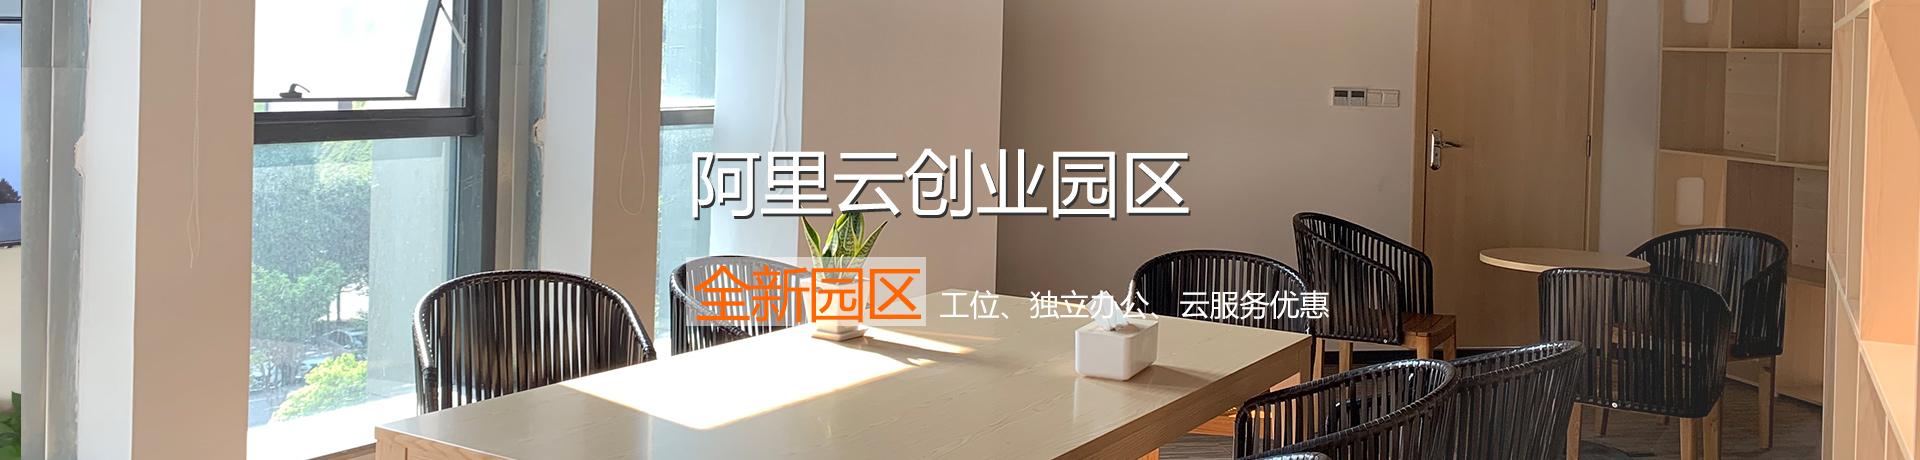 重庆阿里云创业园区